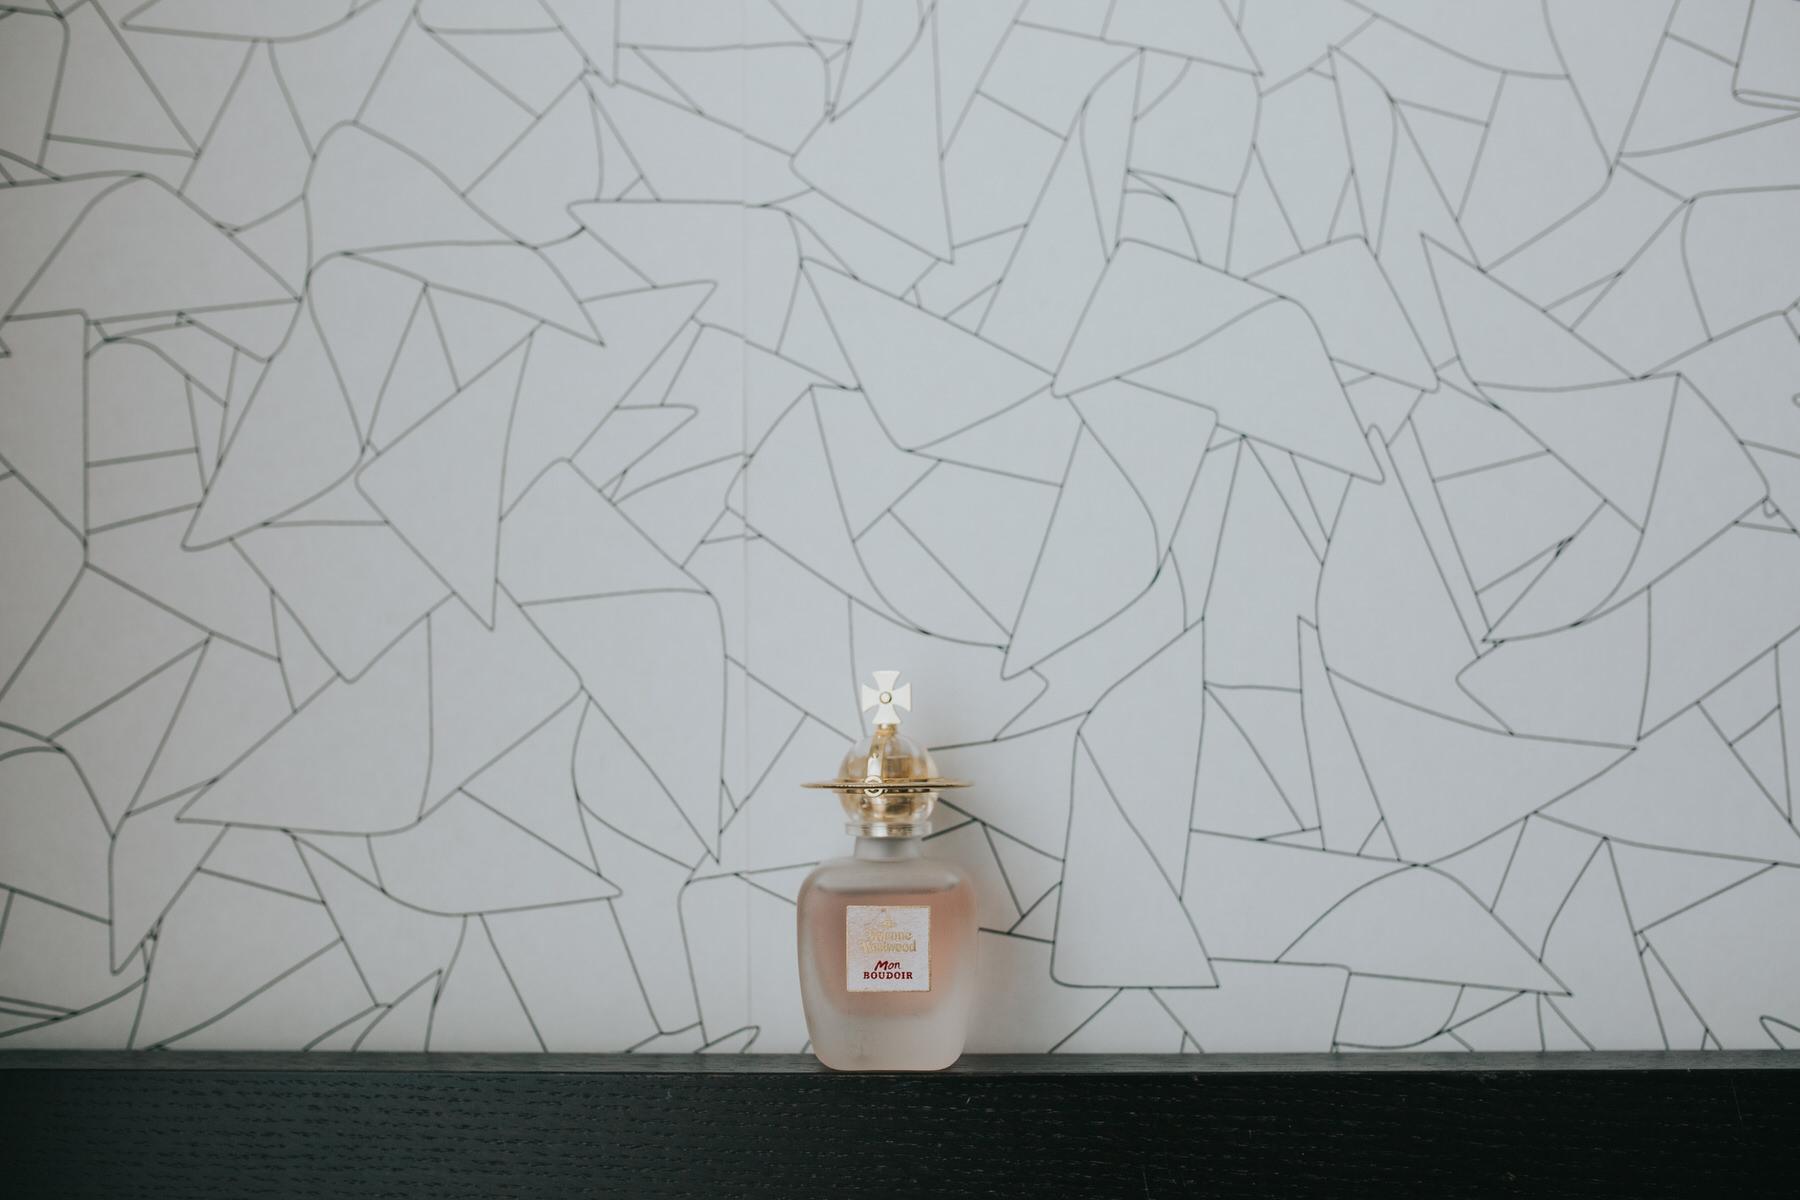 15-Vivienne westwood perfume bridal preparations against graphic wallpaper.jpg